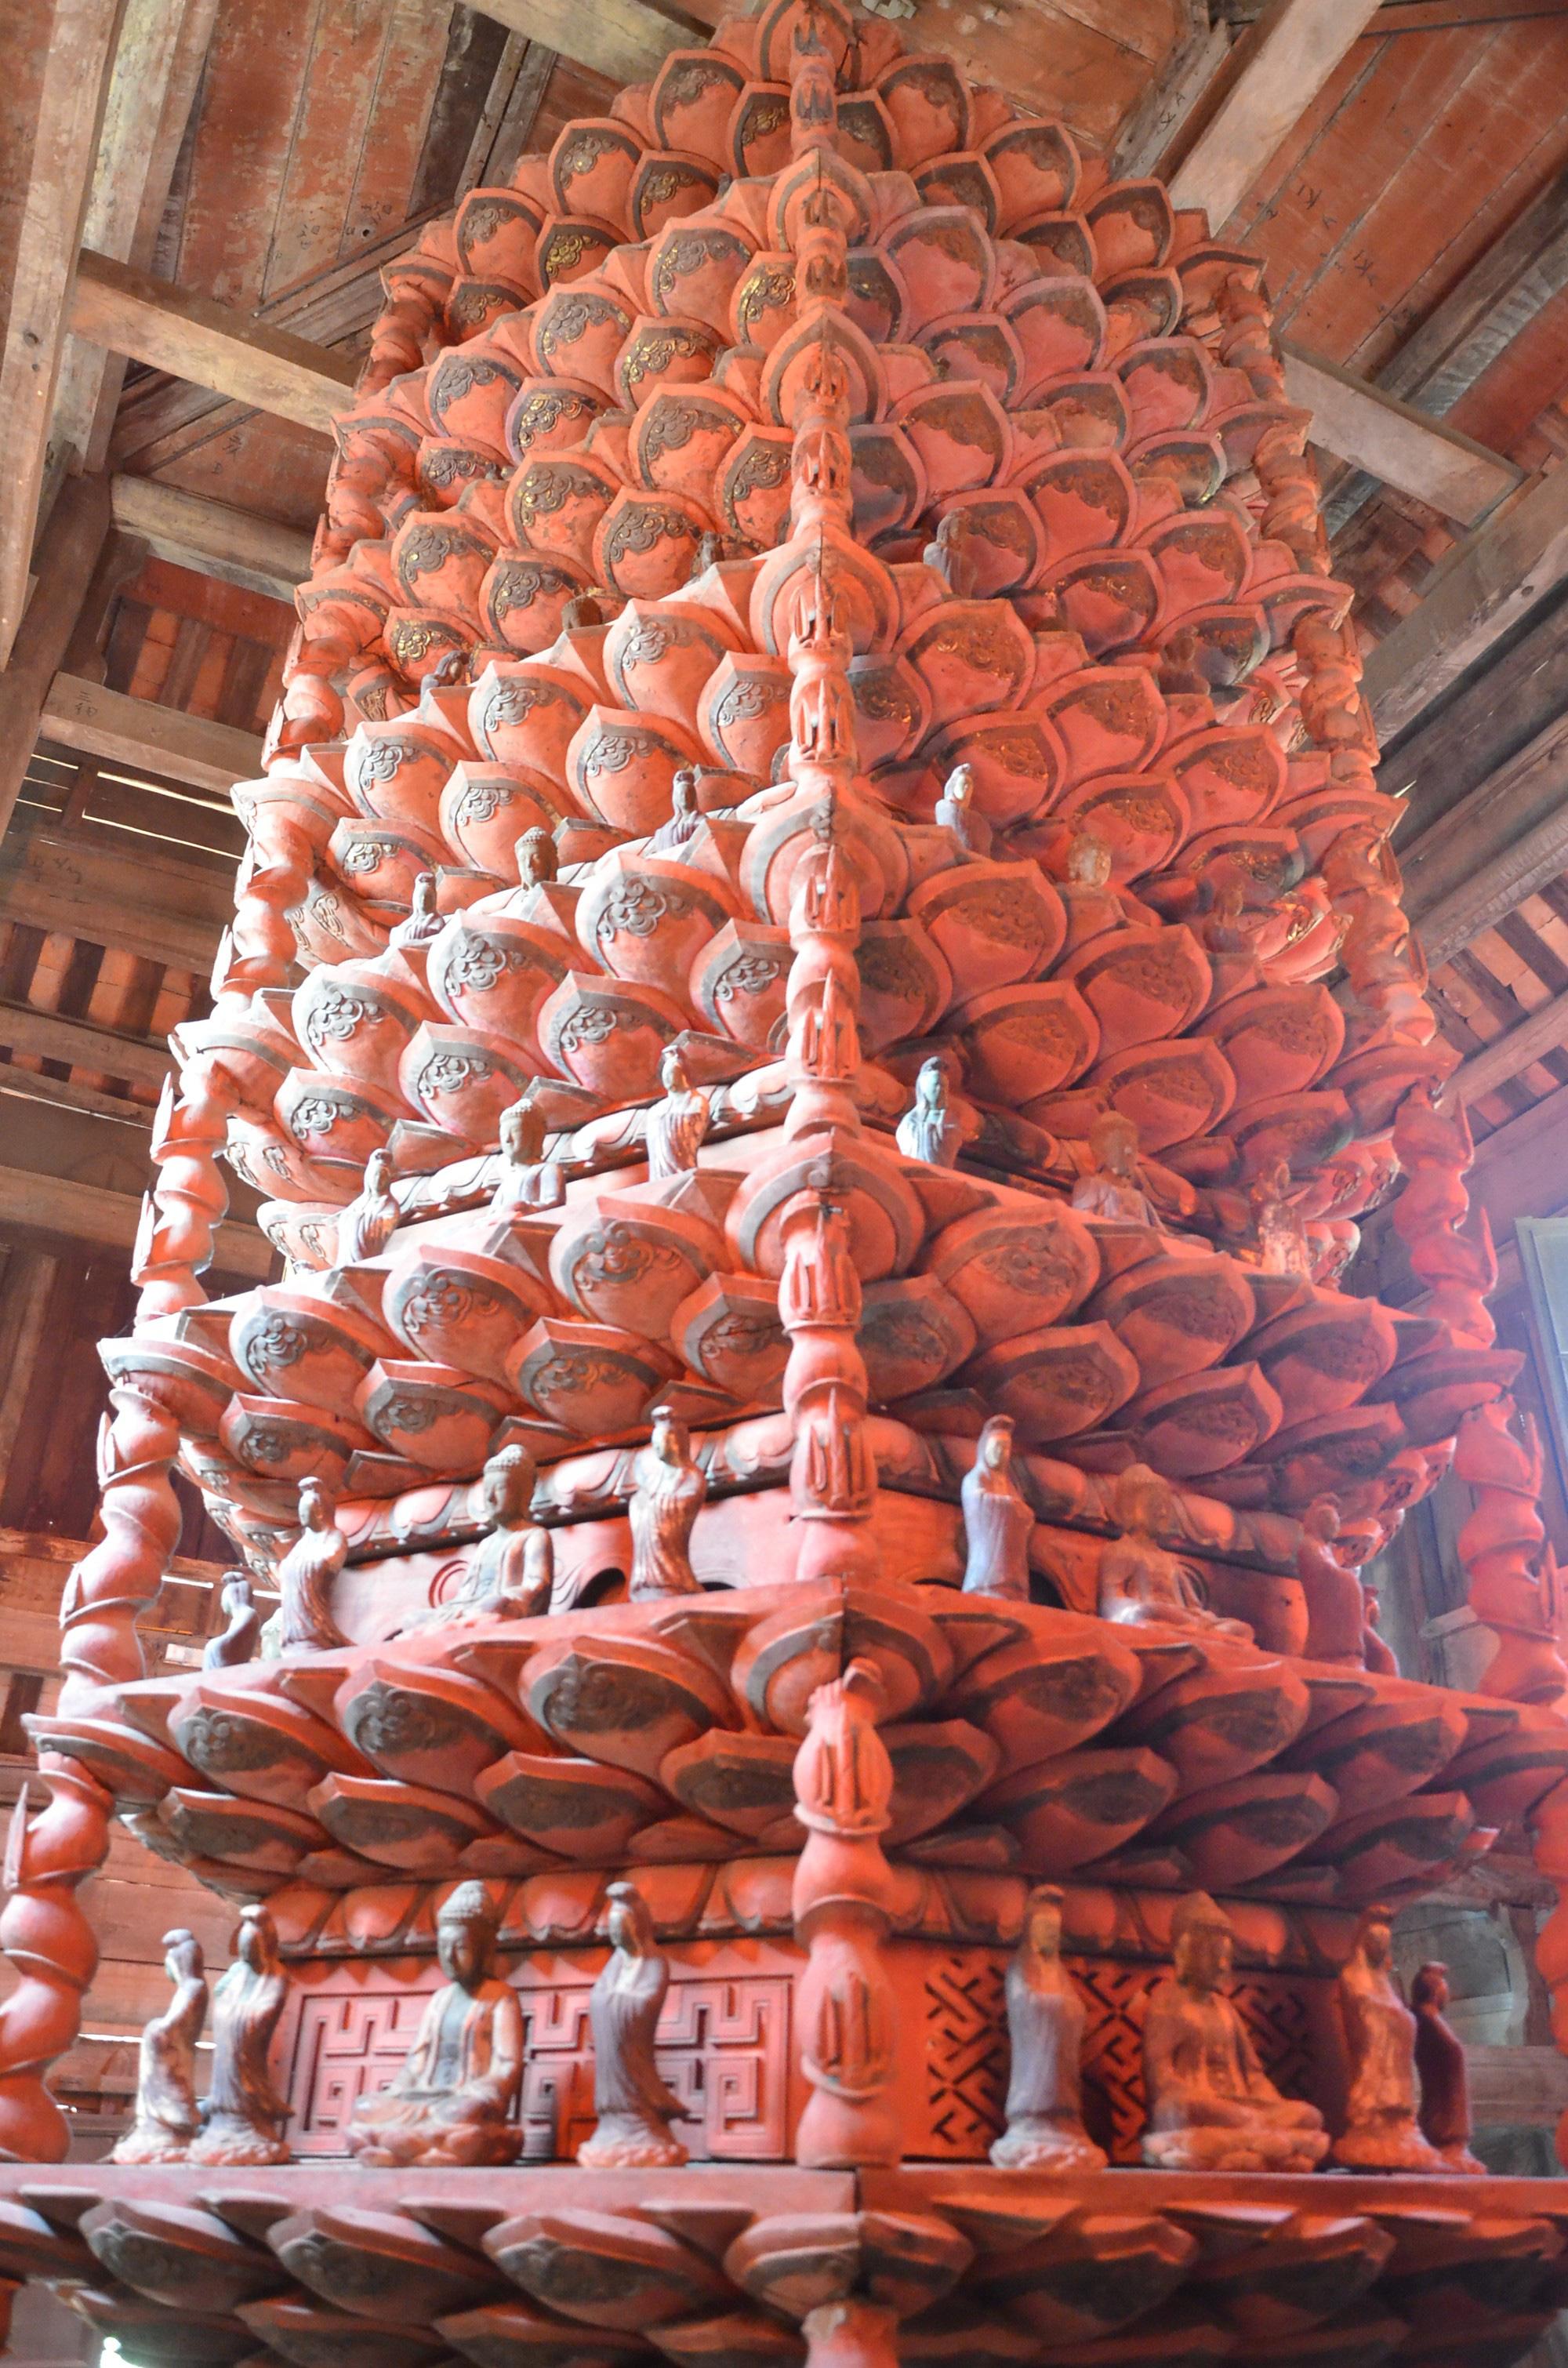 """Về chùa Giám Hải Dương chiêm ngưỡng """"báu vật"""" quốc gia từ cuối thế kỷ 17, chỉ có duy nhất ở Việt Nam  - Ảnh 5."""